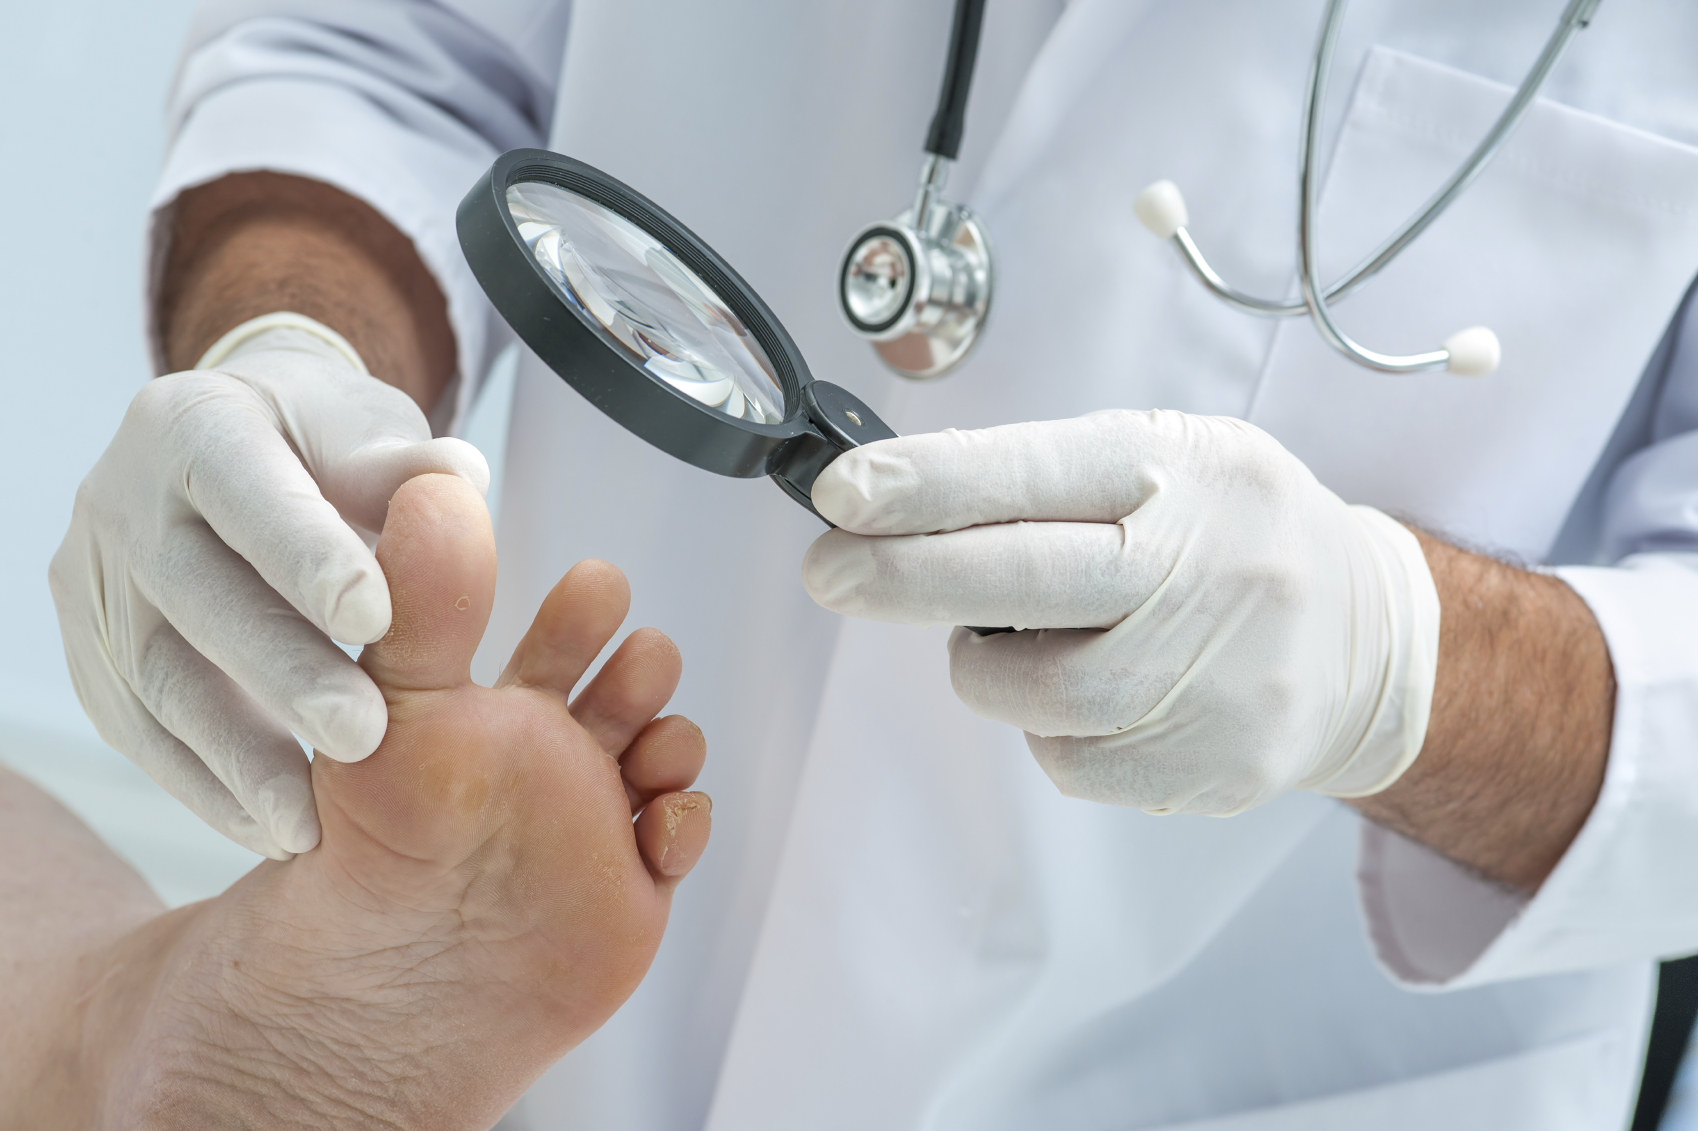 Поражение инфекцией кожи на ногах